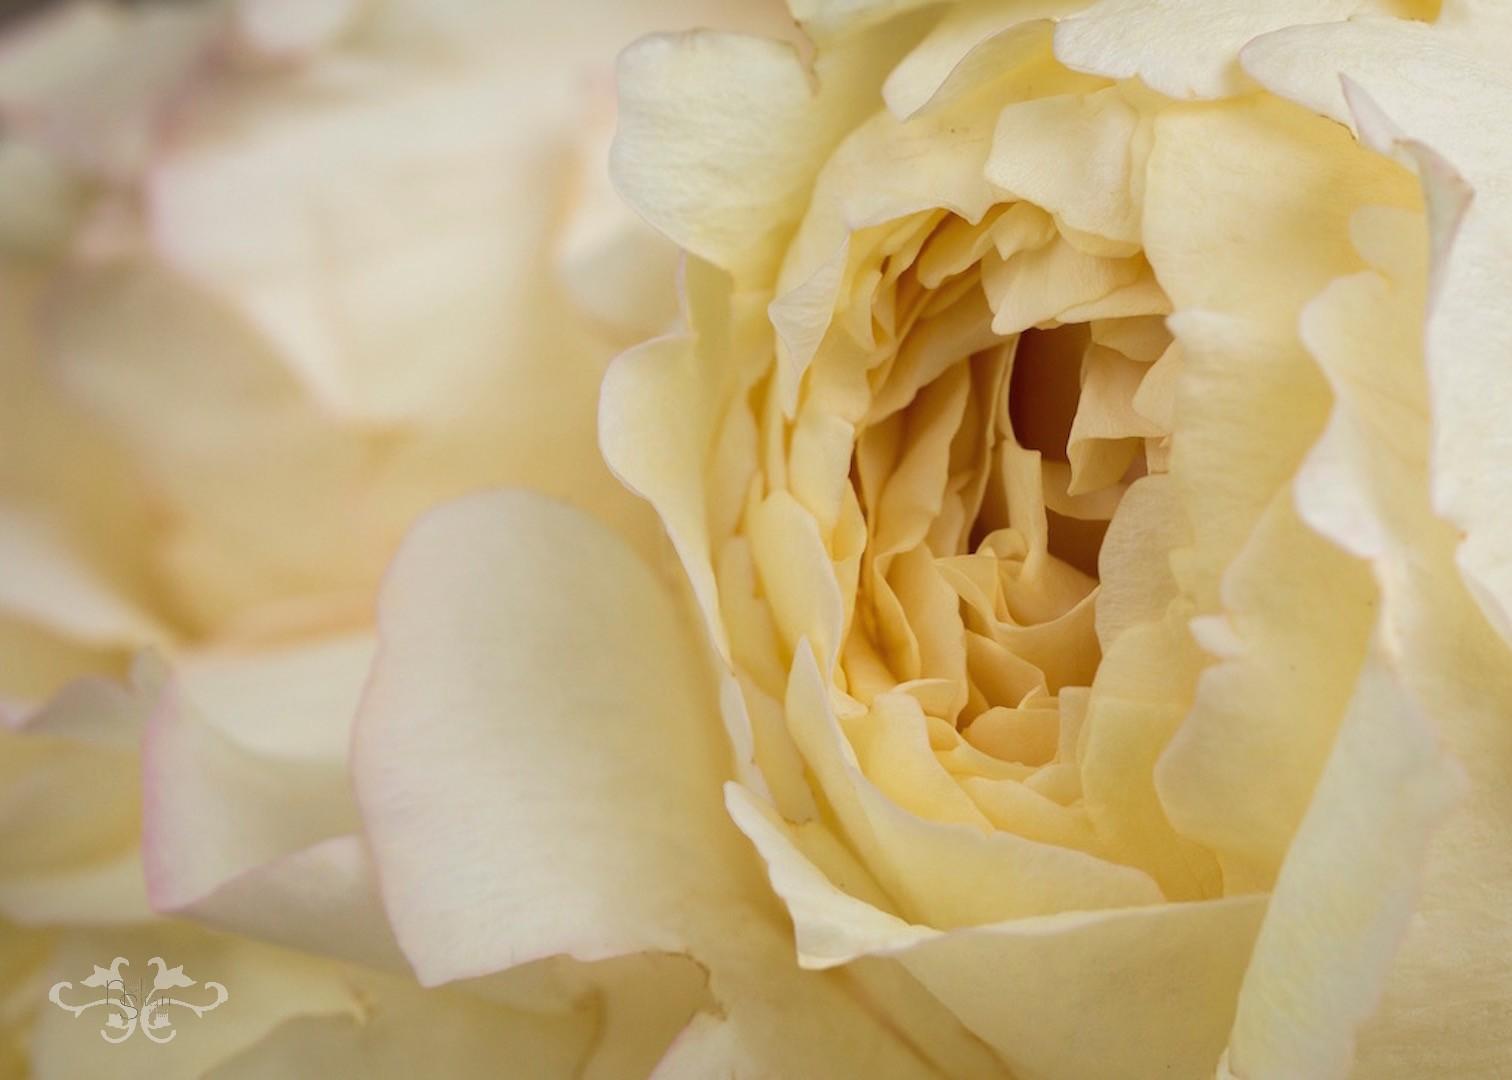 Golden_White_V7A2446.jpg